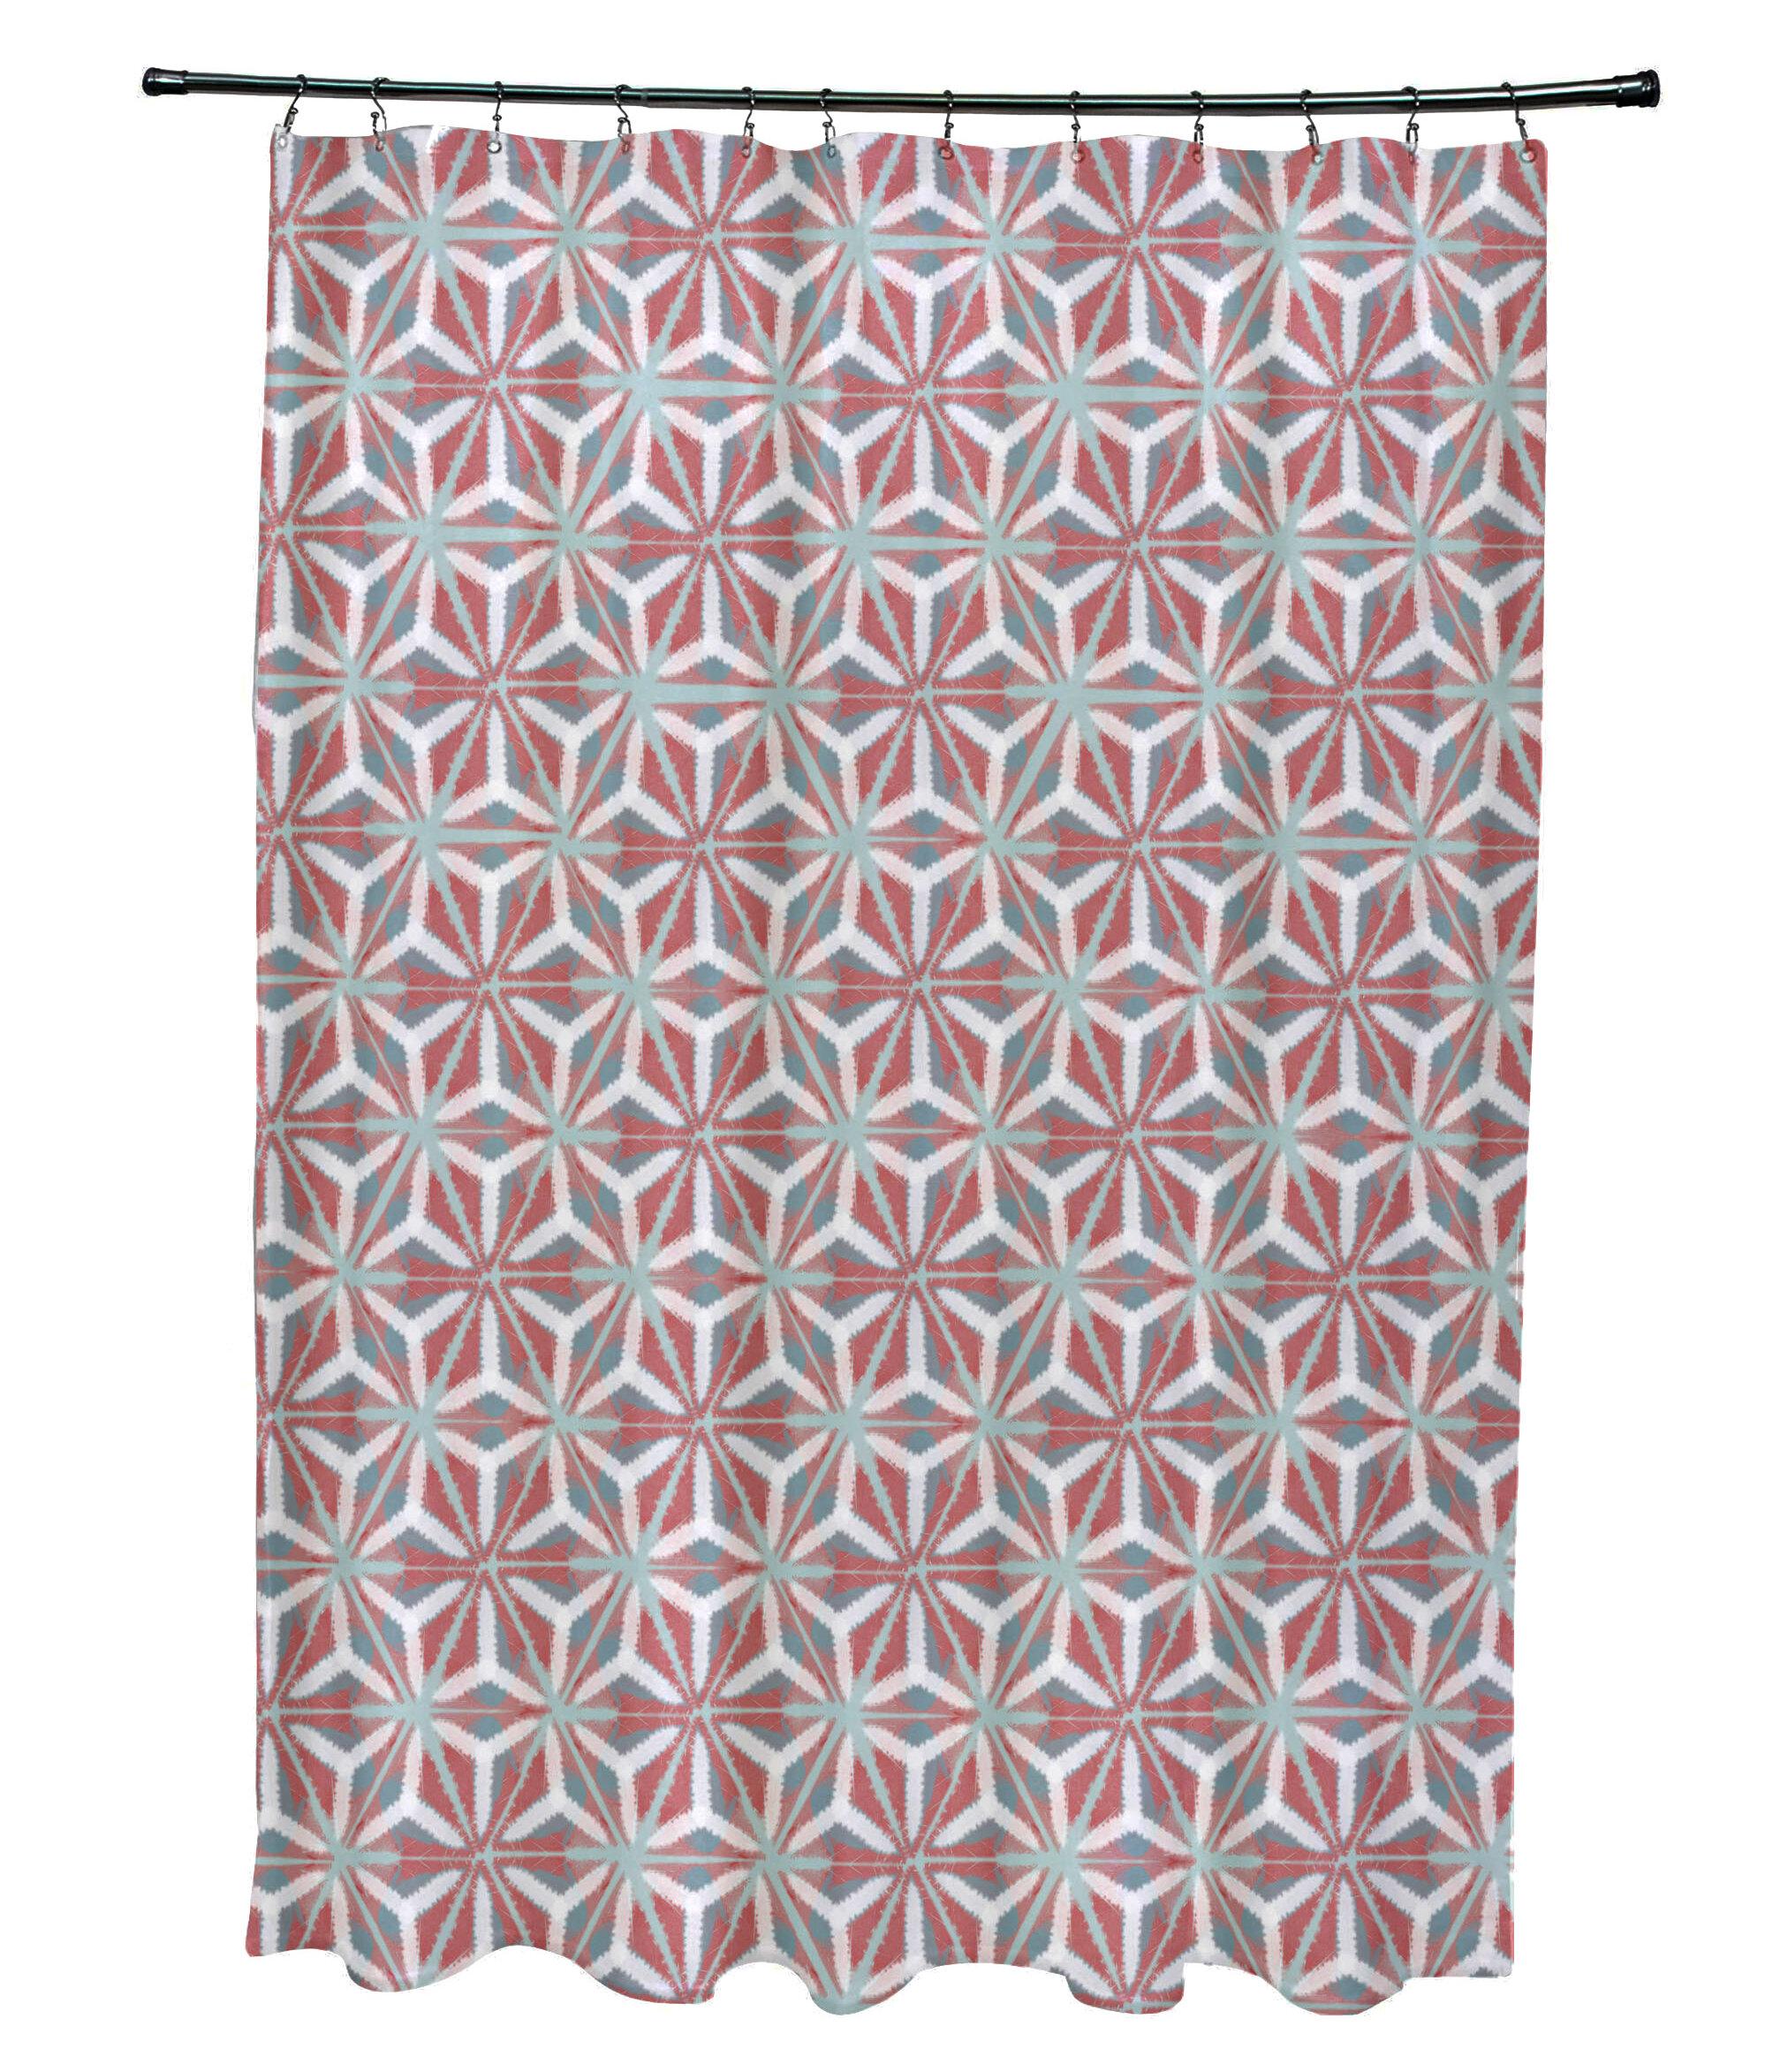 Bloomsbury Market Viet Mosaic Shower Curtain